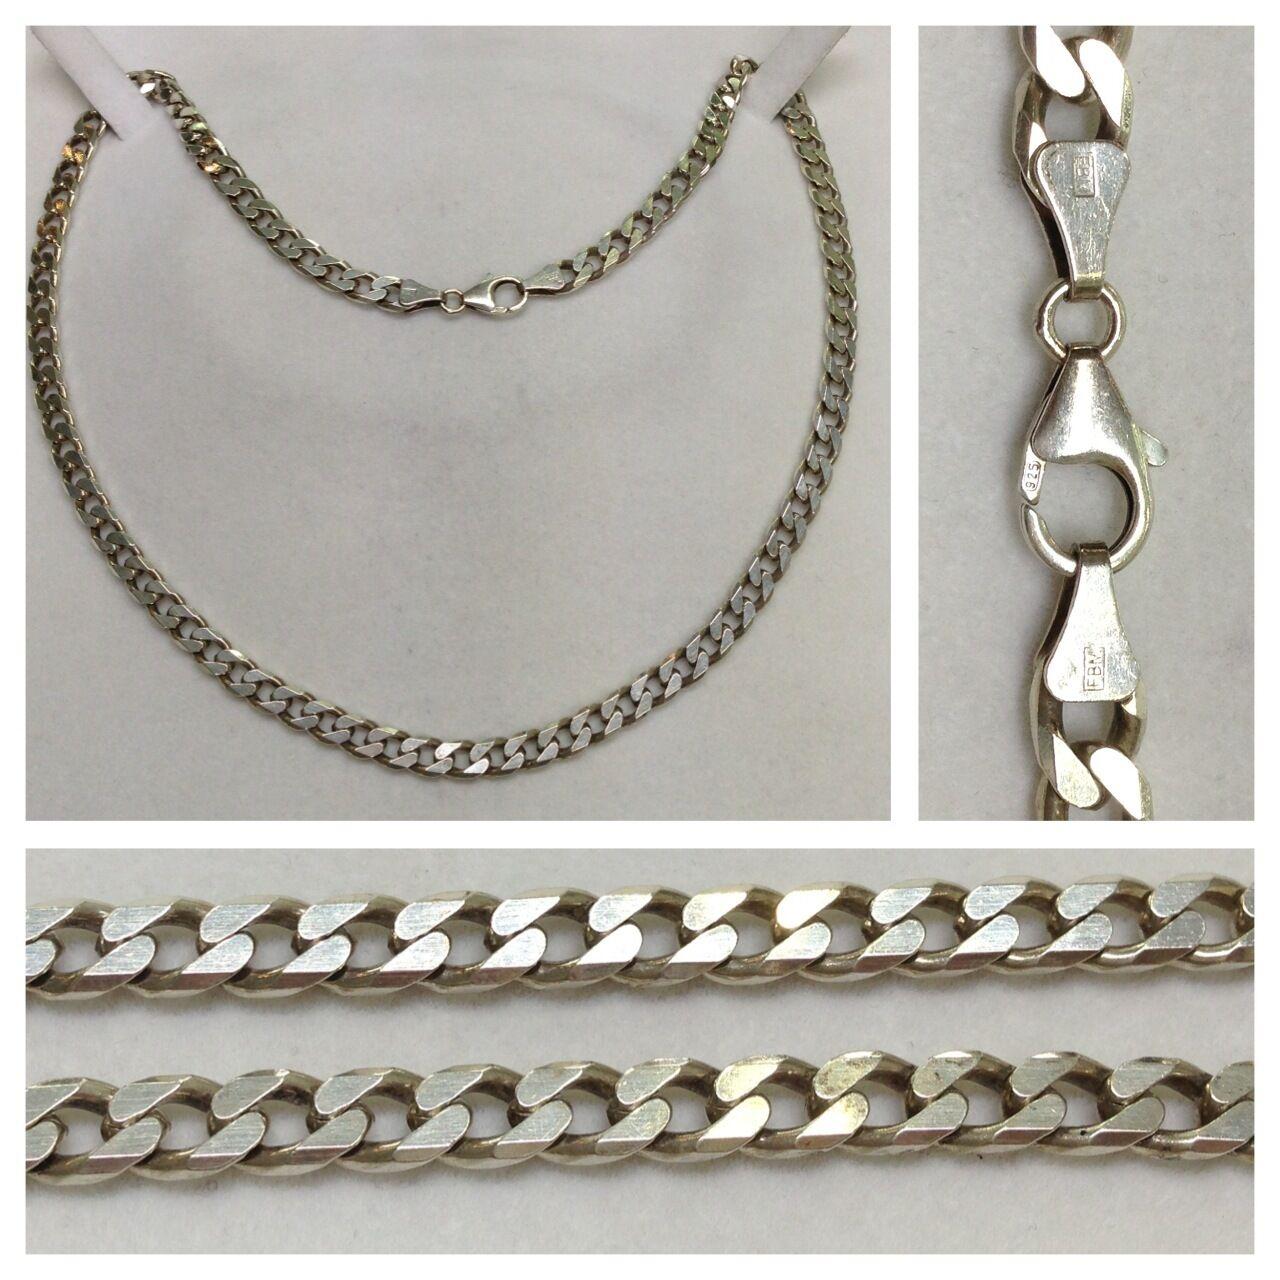 Macizo Cadena Collar 925 collar silver cadena de silver collar de silver